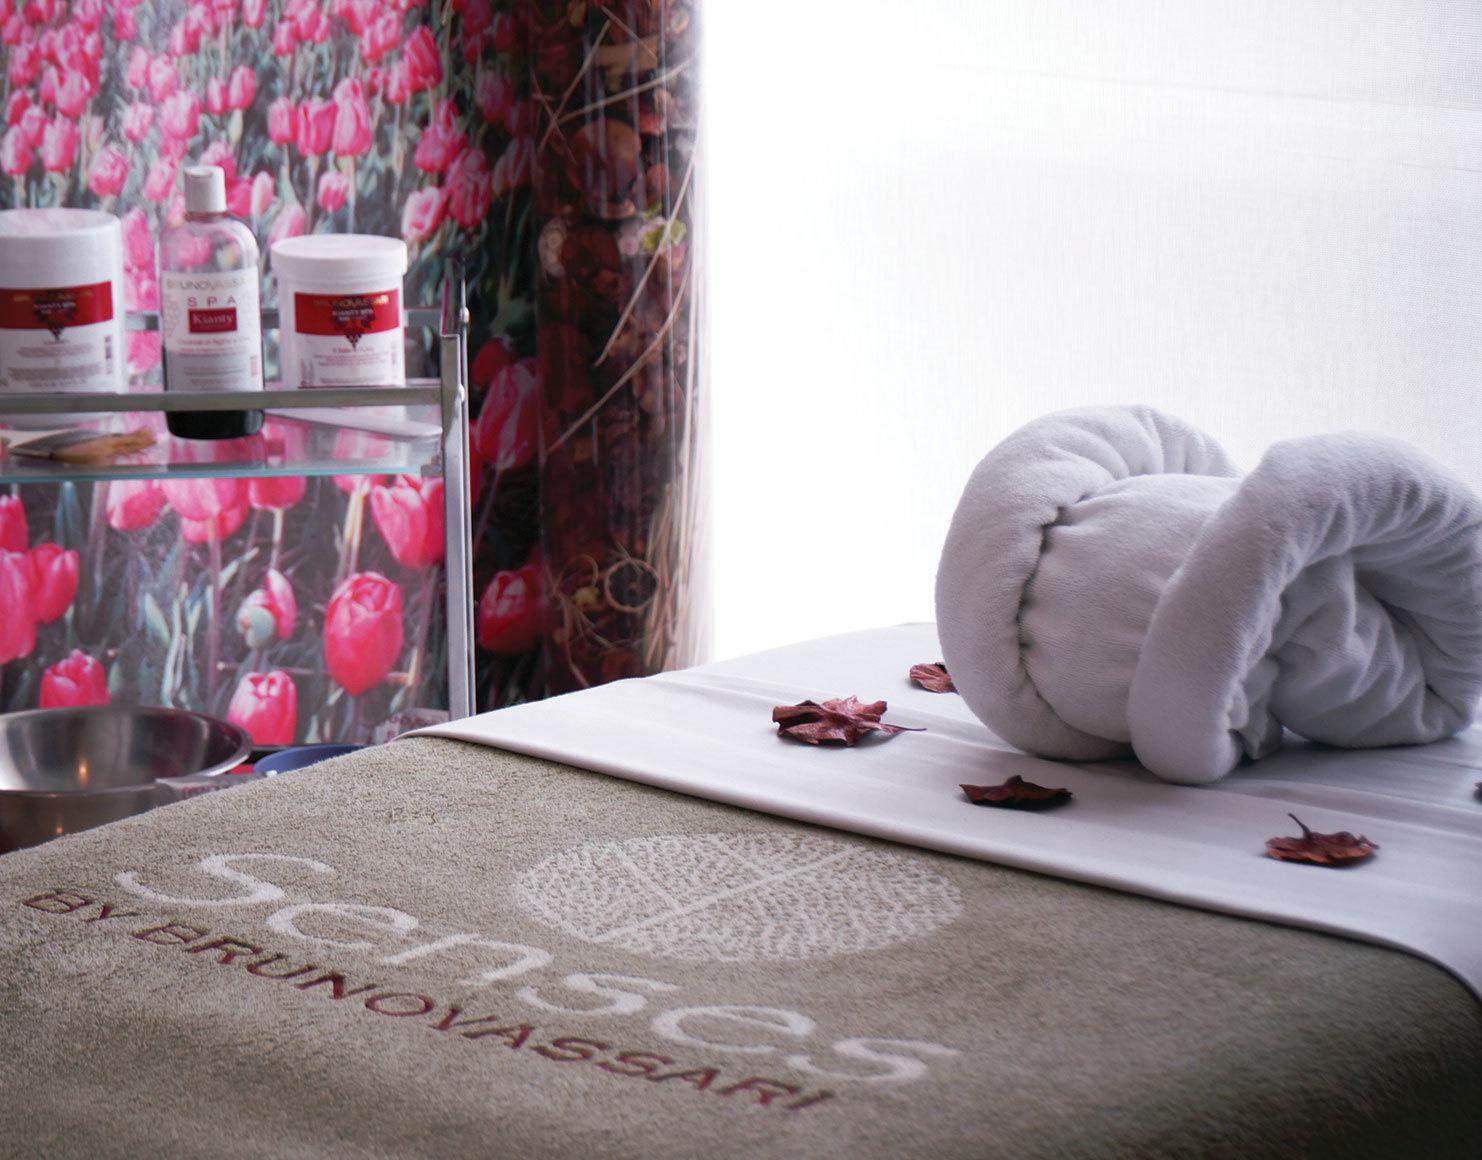 sala de masaje con productos bruno vassari close up